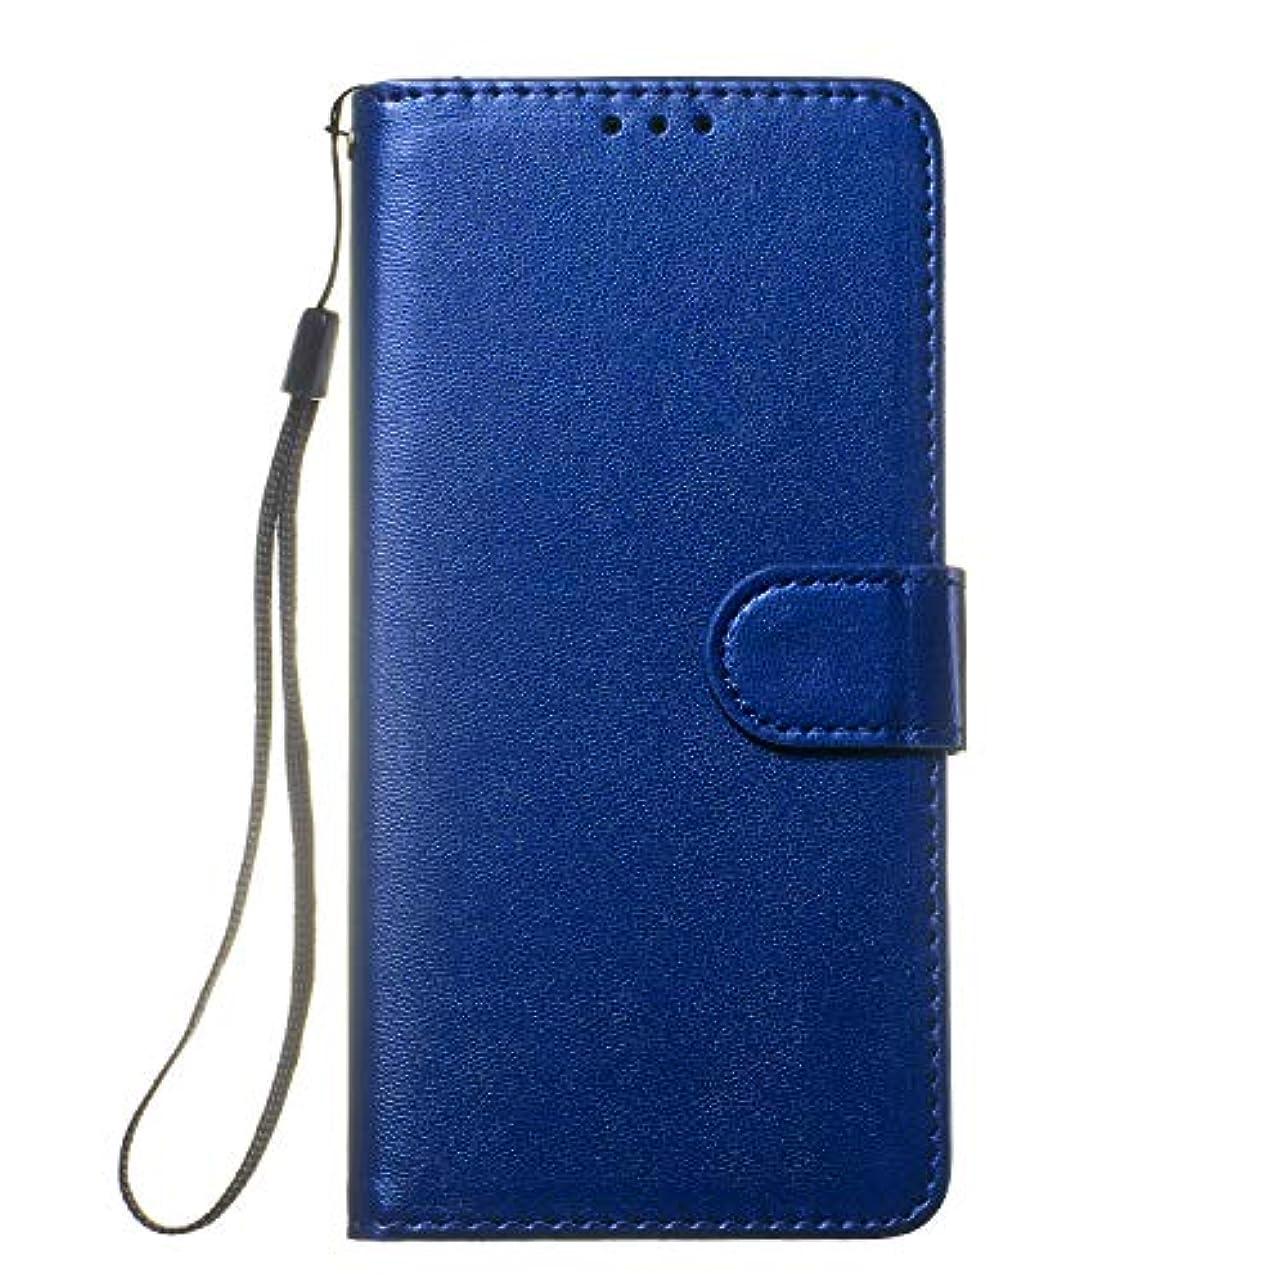 遵守する幻滅以前はDocrax Huawei Mate20 Lite ケース 手帳型 スタンド機能 財布型 カードポケット マグネット ファーウェイMate20lite 手帳型ケース レザーケース カバー - DOYHU250292 D2